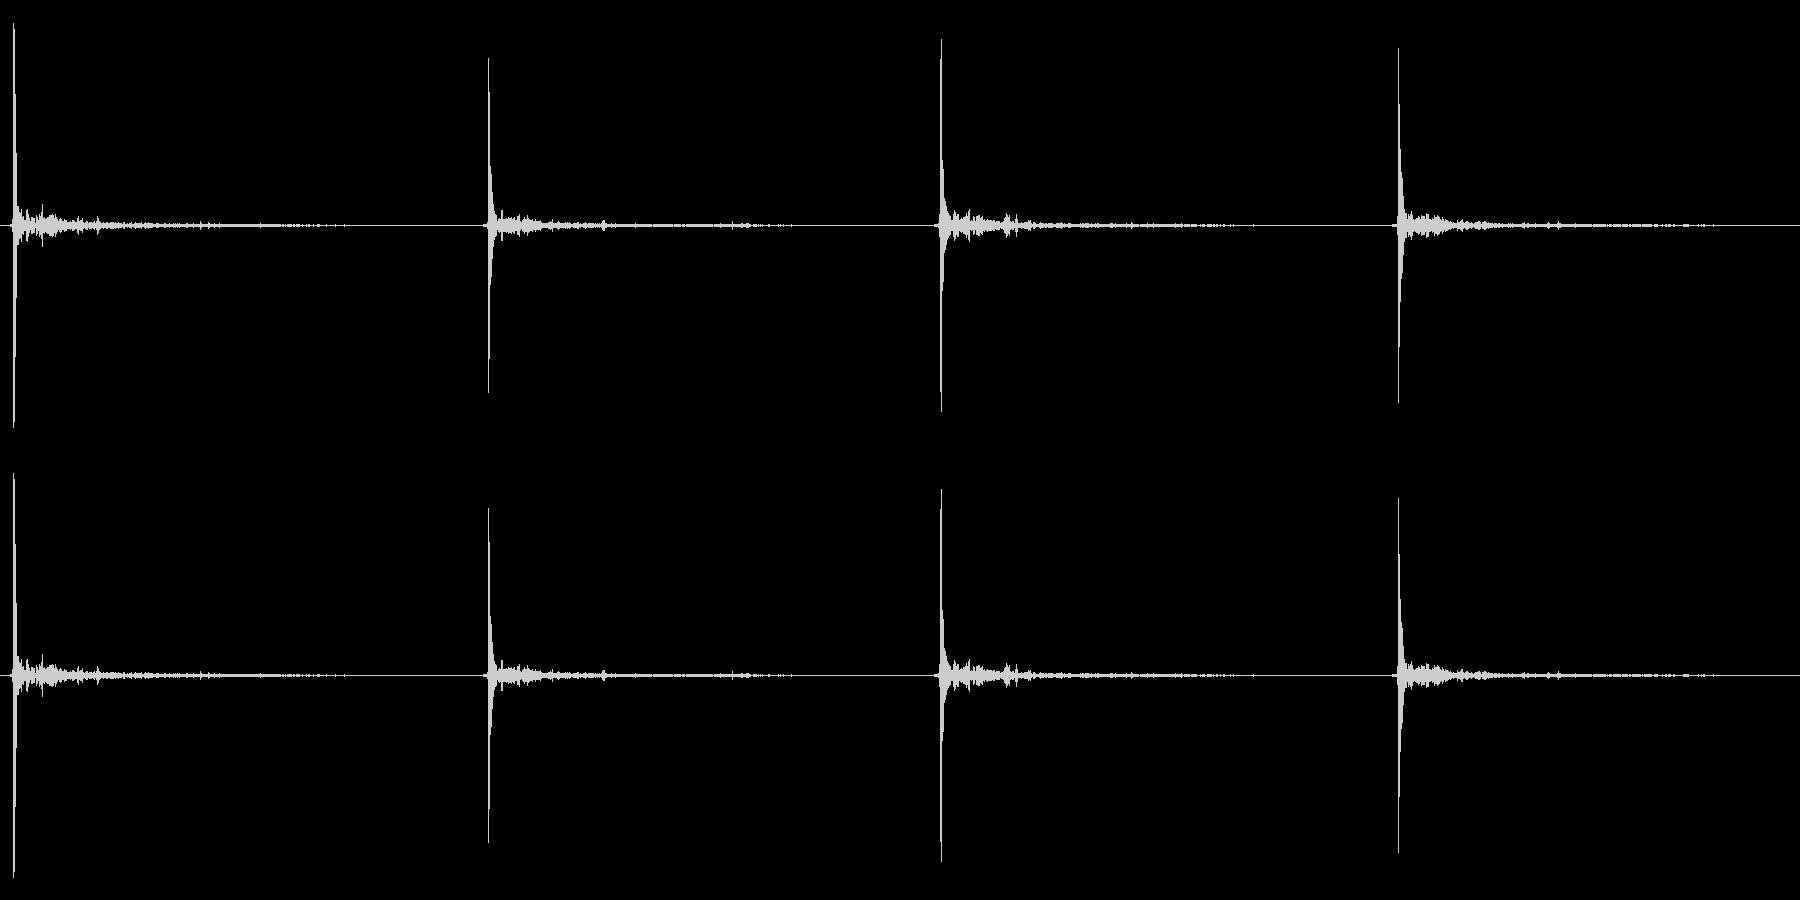 足音/ブーツ/フローリング/コツコツの未再生の波形